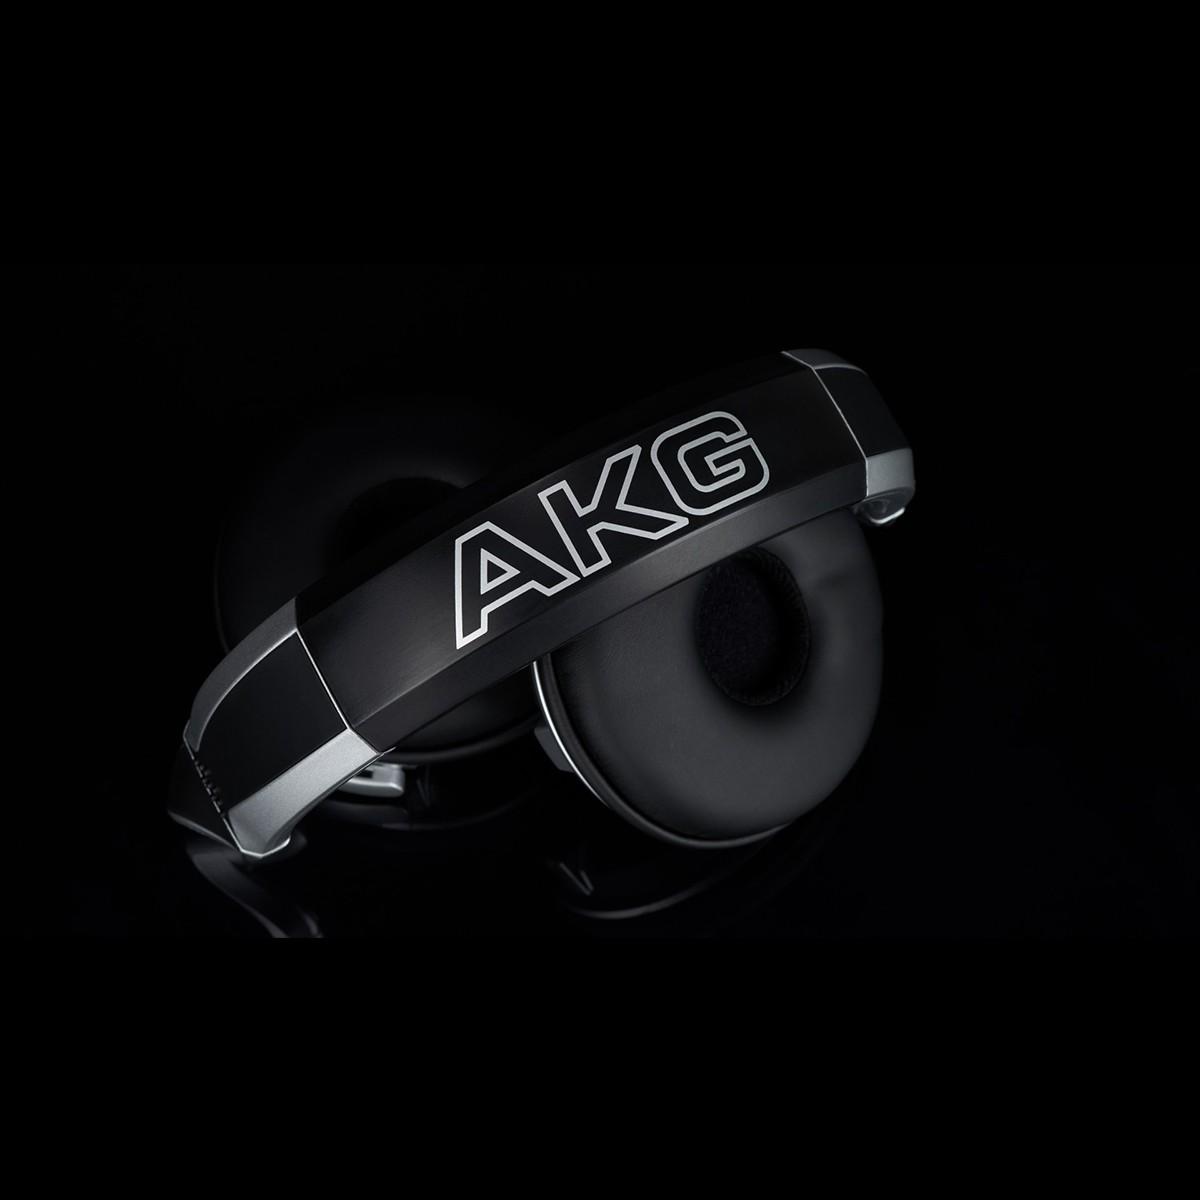 Akg K-181 Fone para Dj Fechado